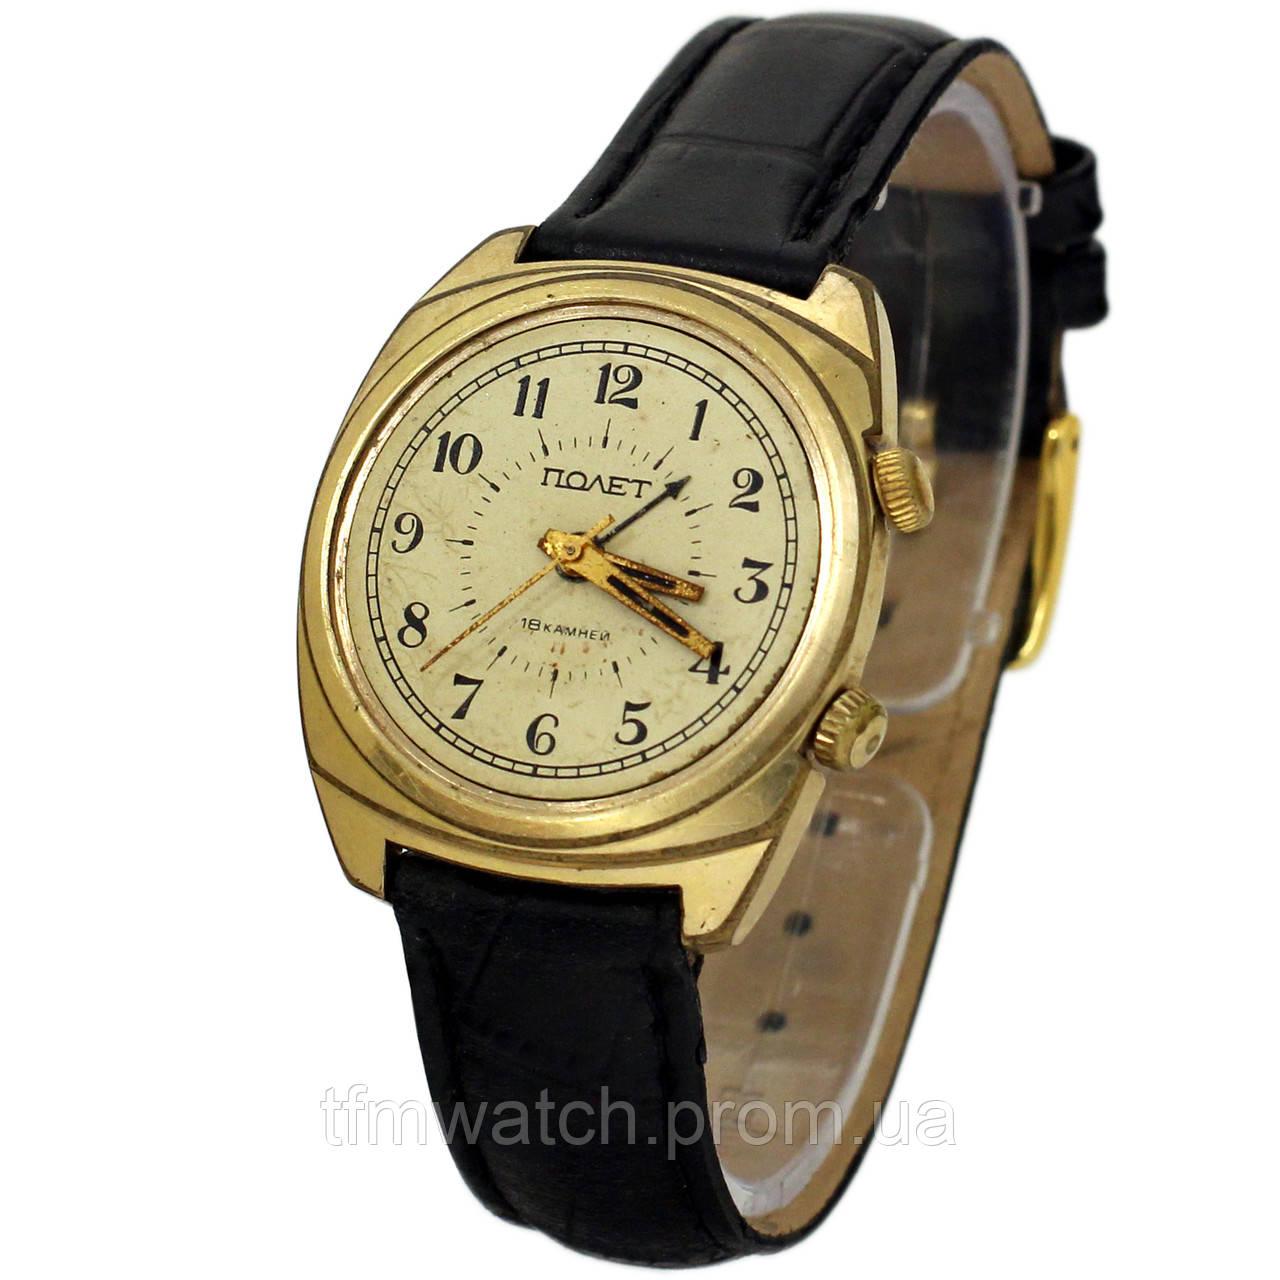 Полет 18 часы камней продать продать на час свою жену хочу